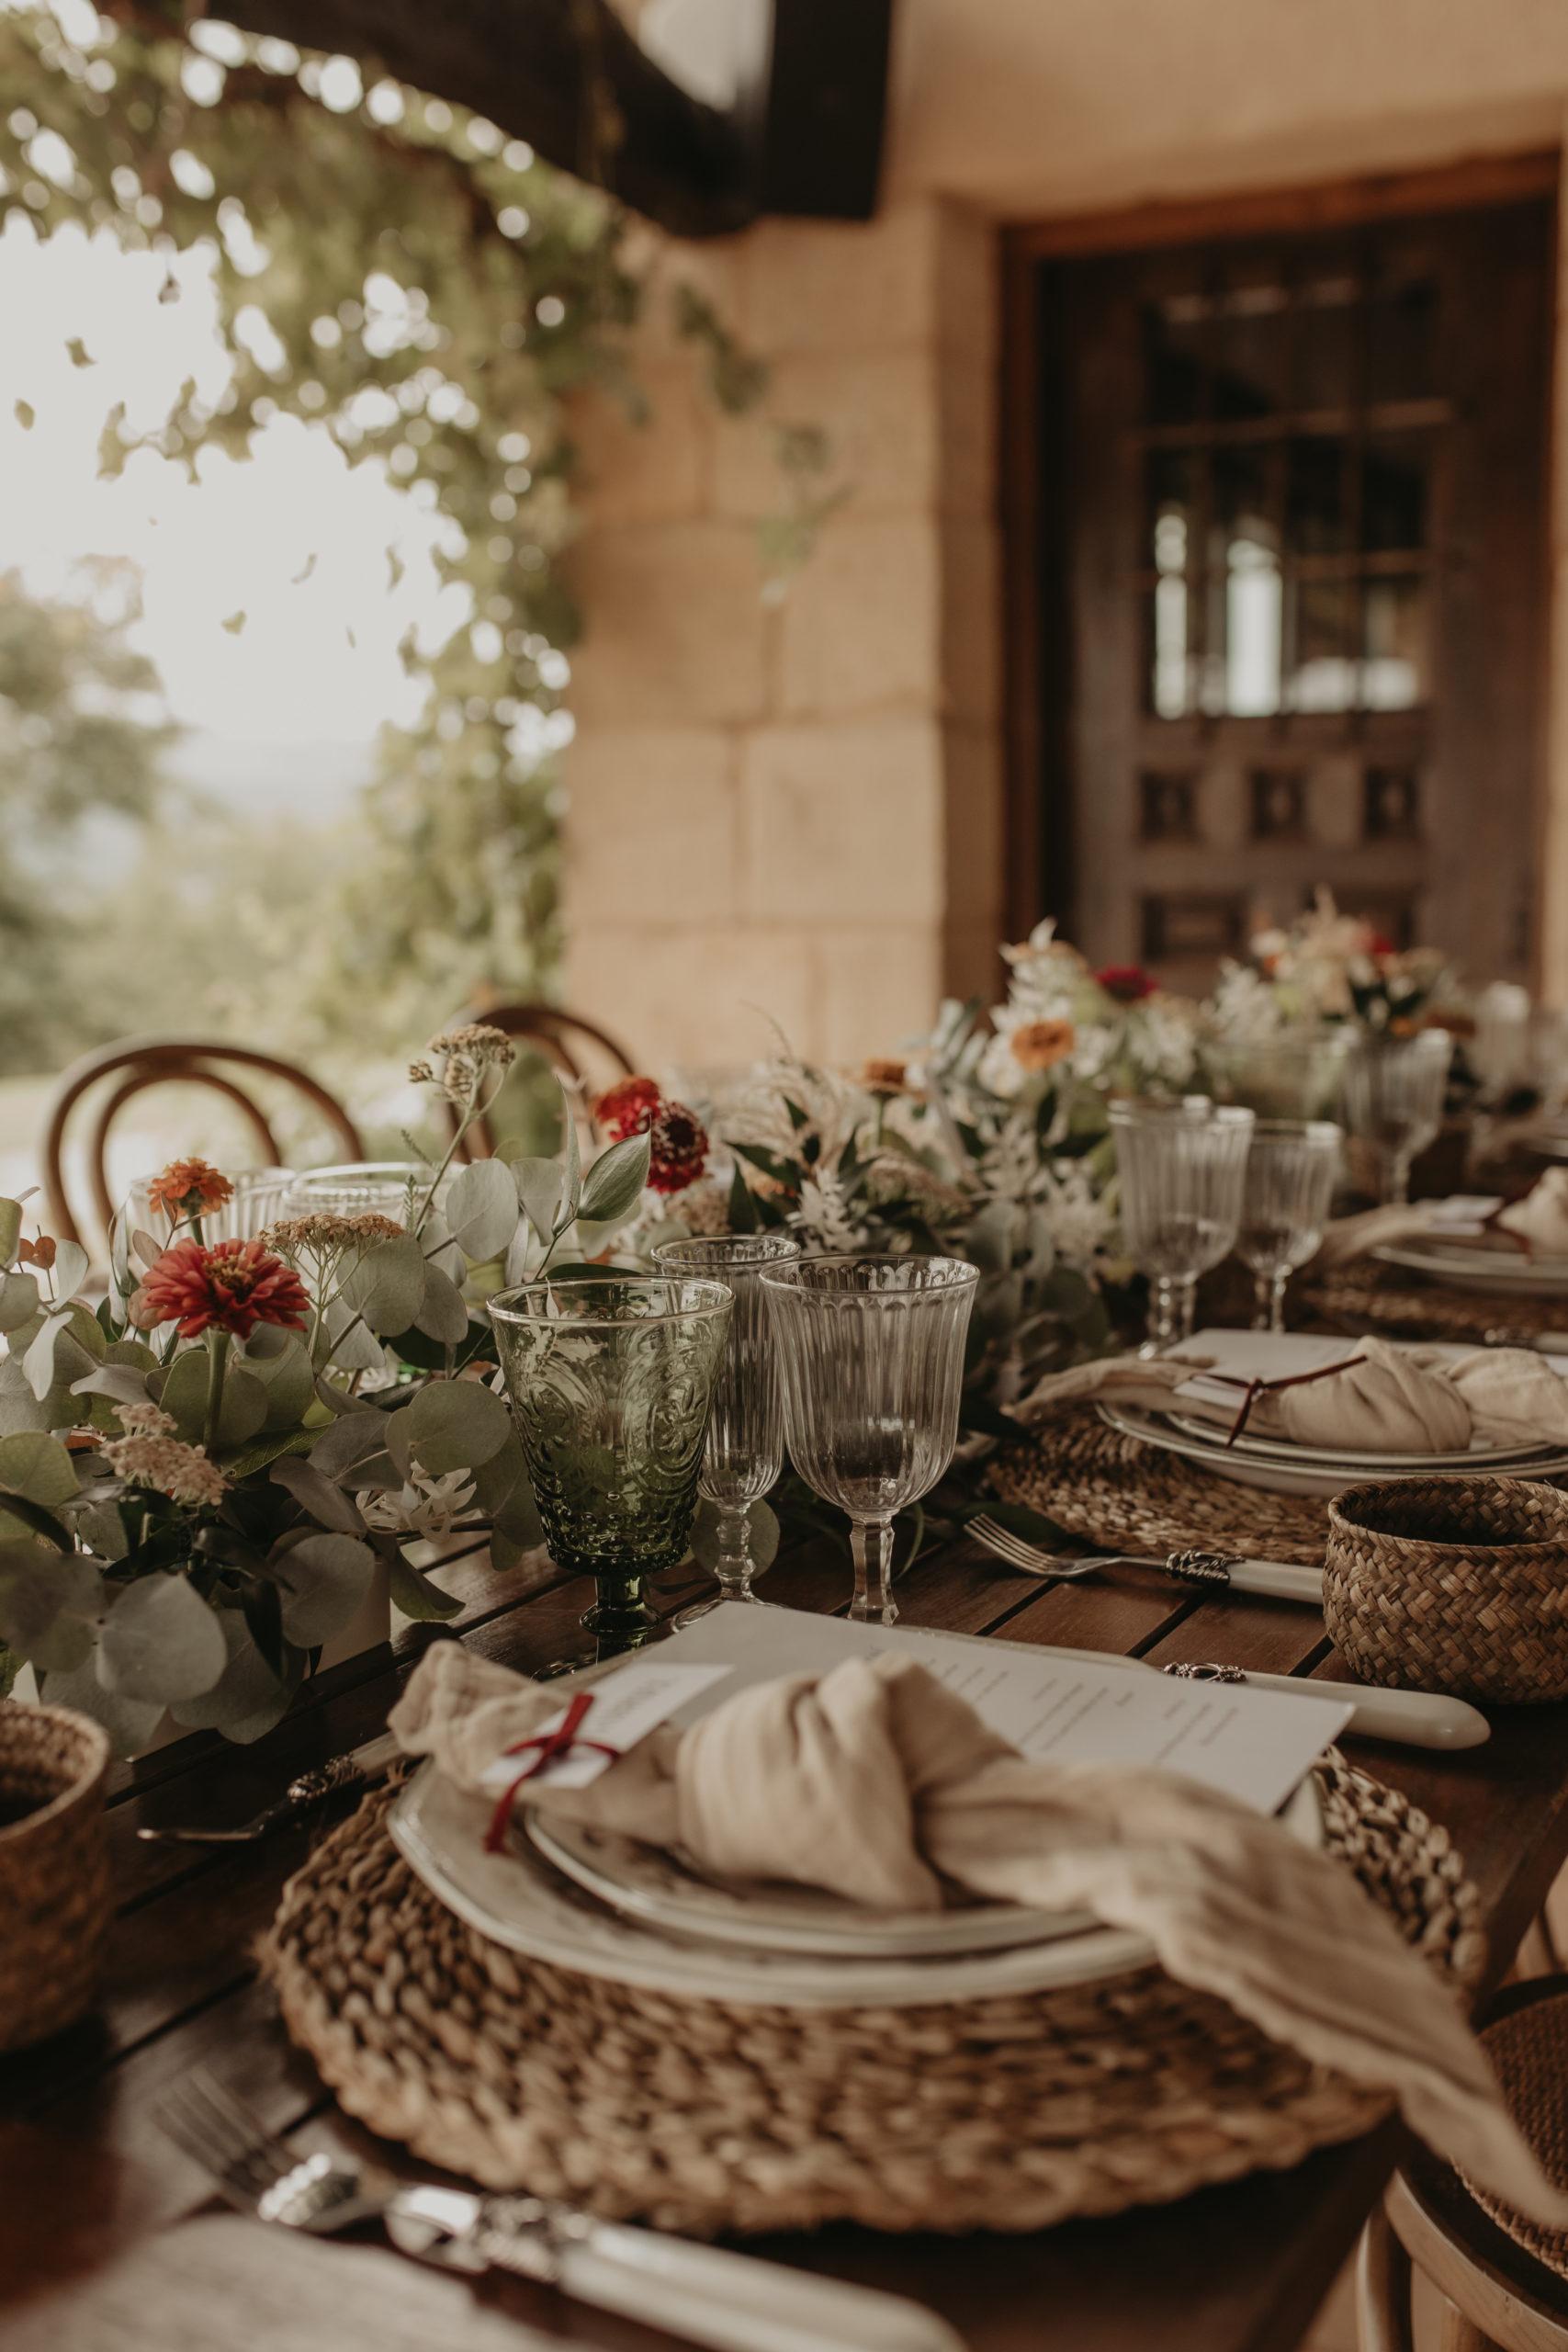 Bajoplatos, servilletas, copas, cubertería y decoración floral especial para un banquete nupcial